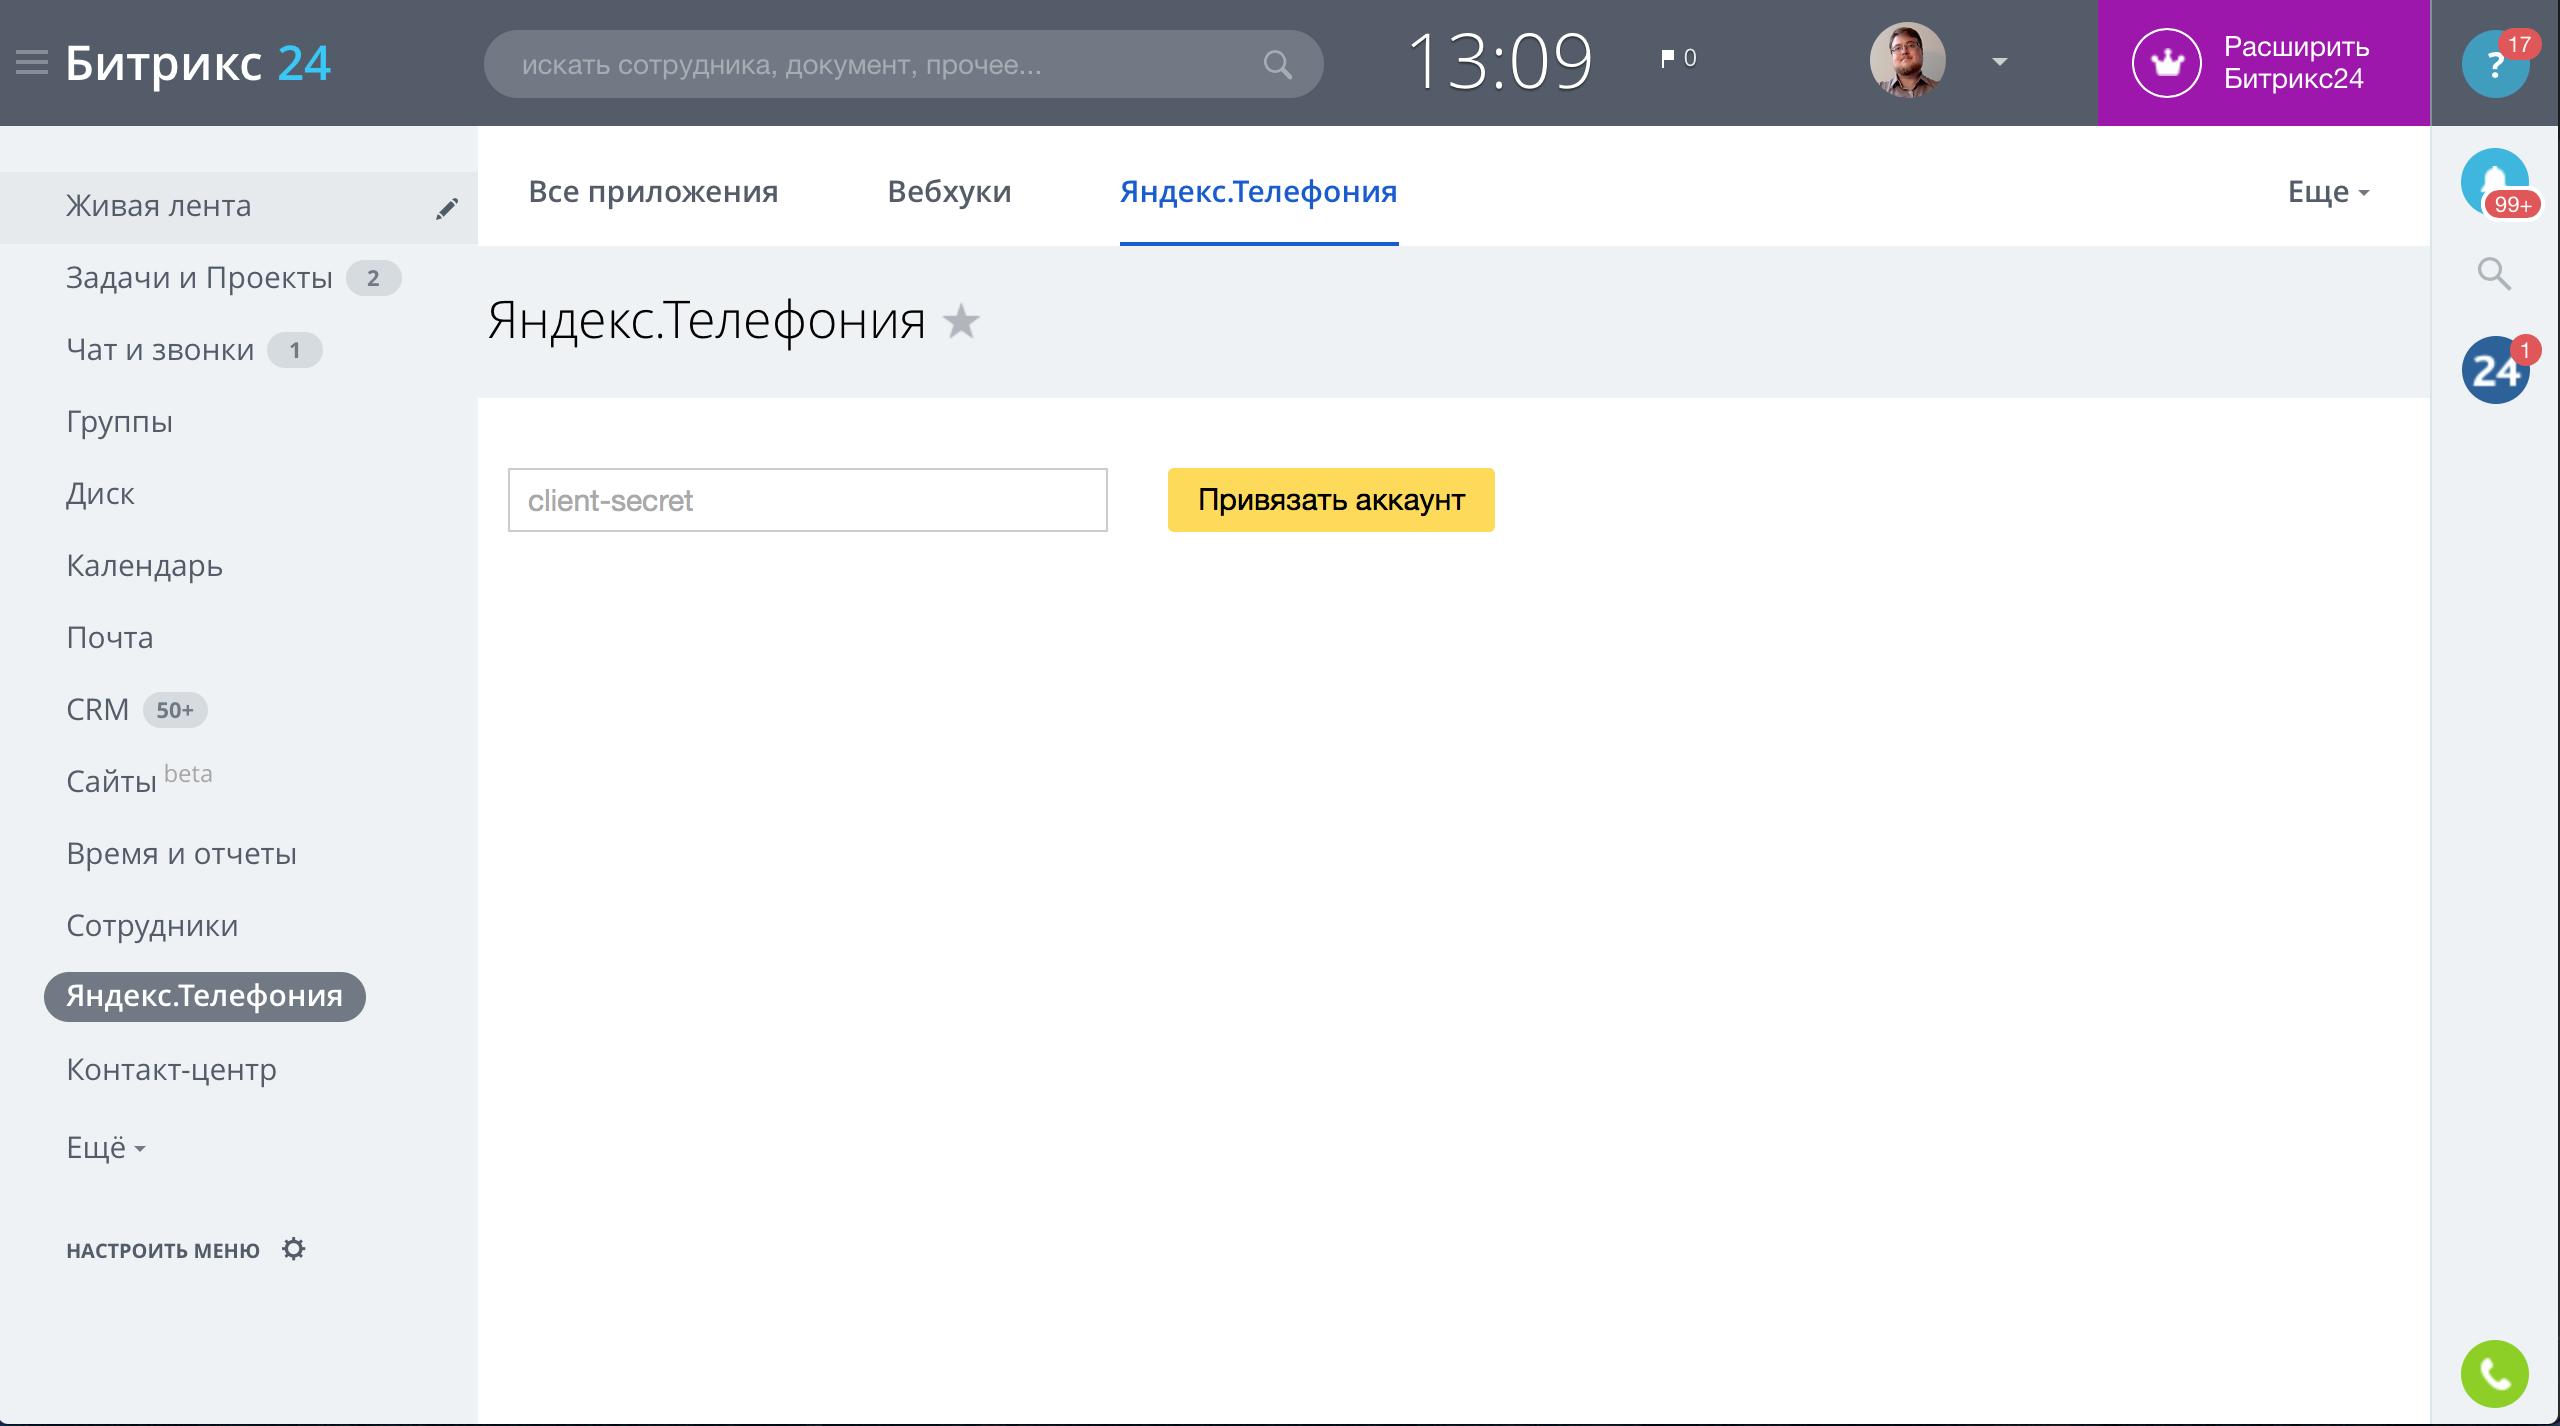 Яндекс интеграция в bitrix24 как добавить поля для разделов битрикс